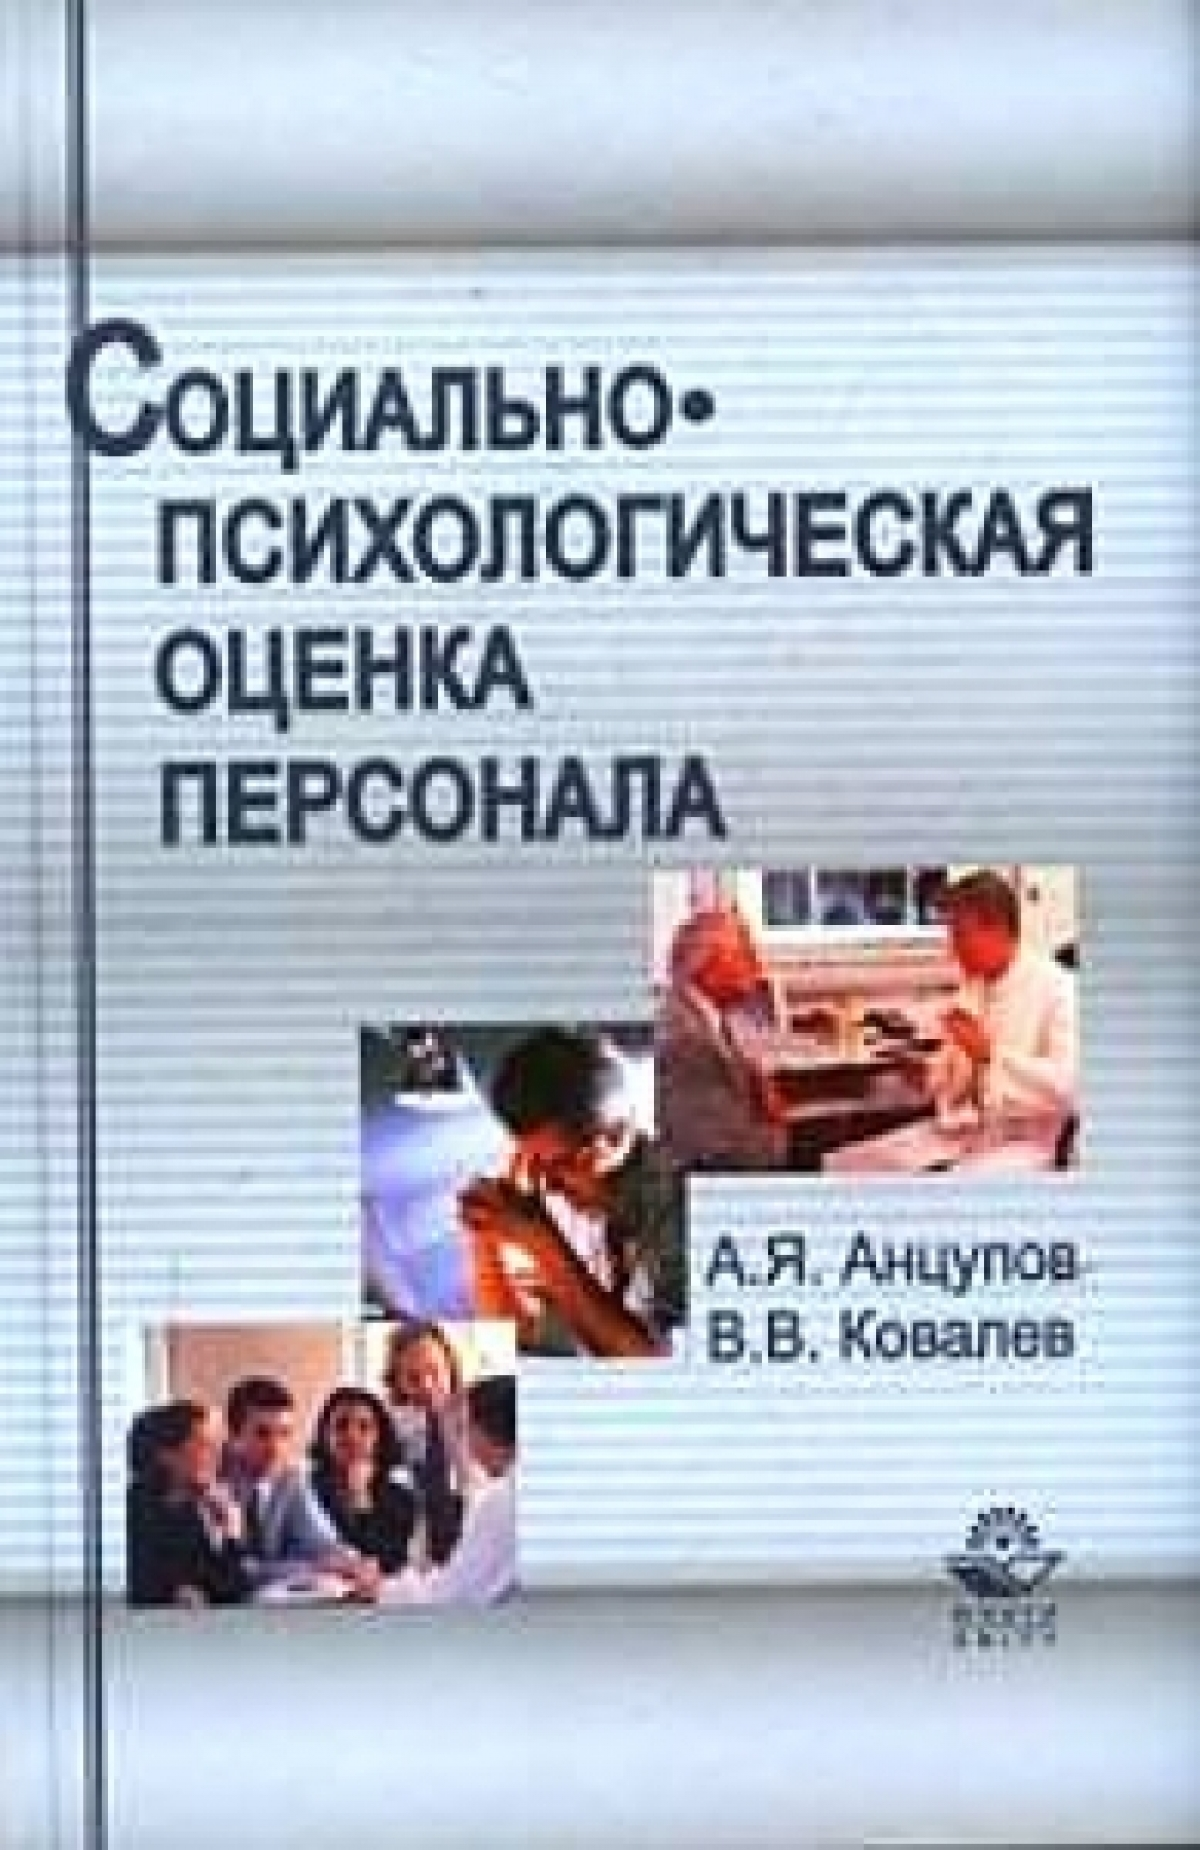 Обложка книги:  анцупов а.я., ковалев в.в. - социально-психологическая оценка персонала.